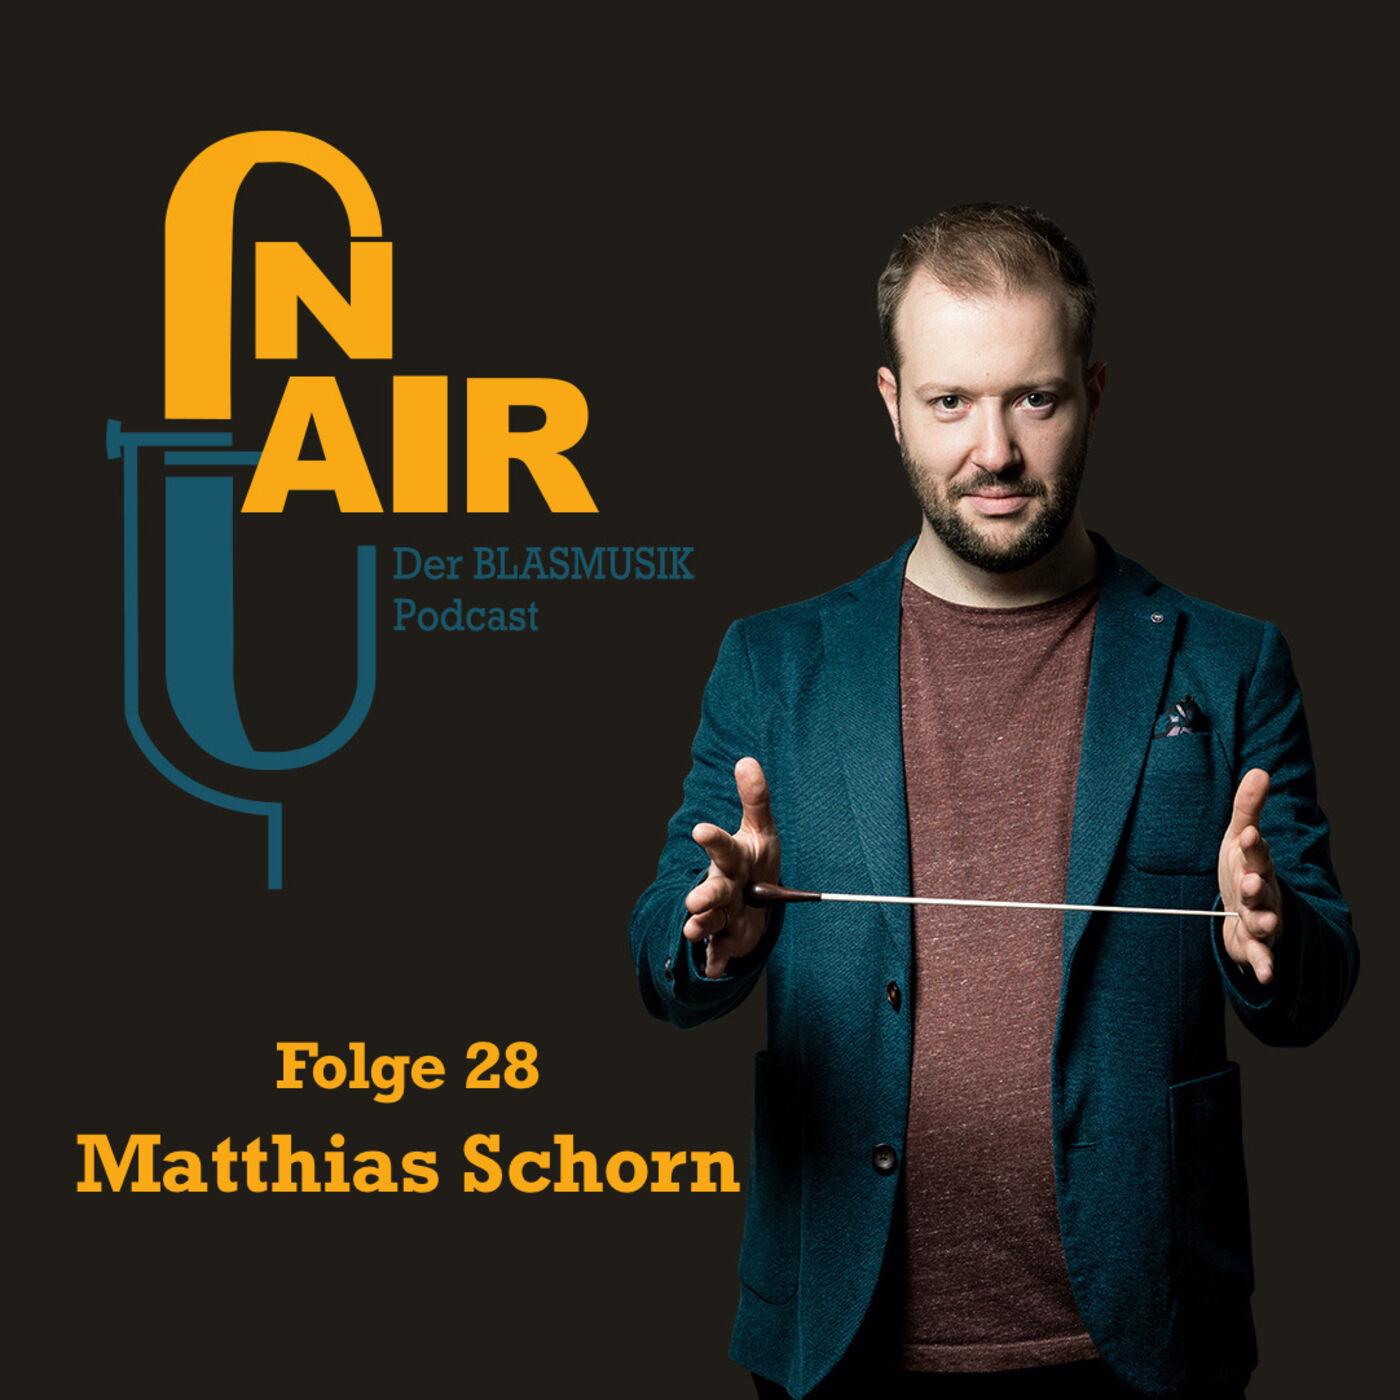 Matthias Schorn - Musik ist für mich nichts anderes als Energieaustausch